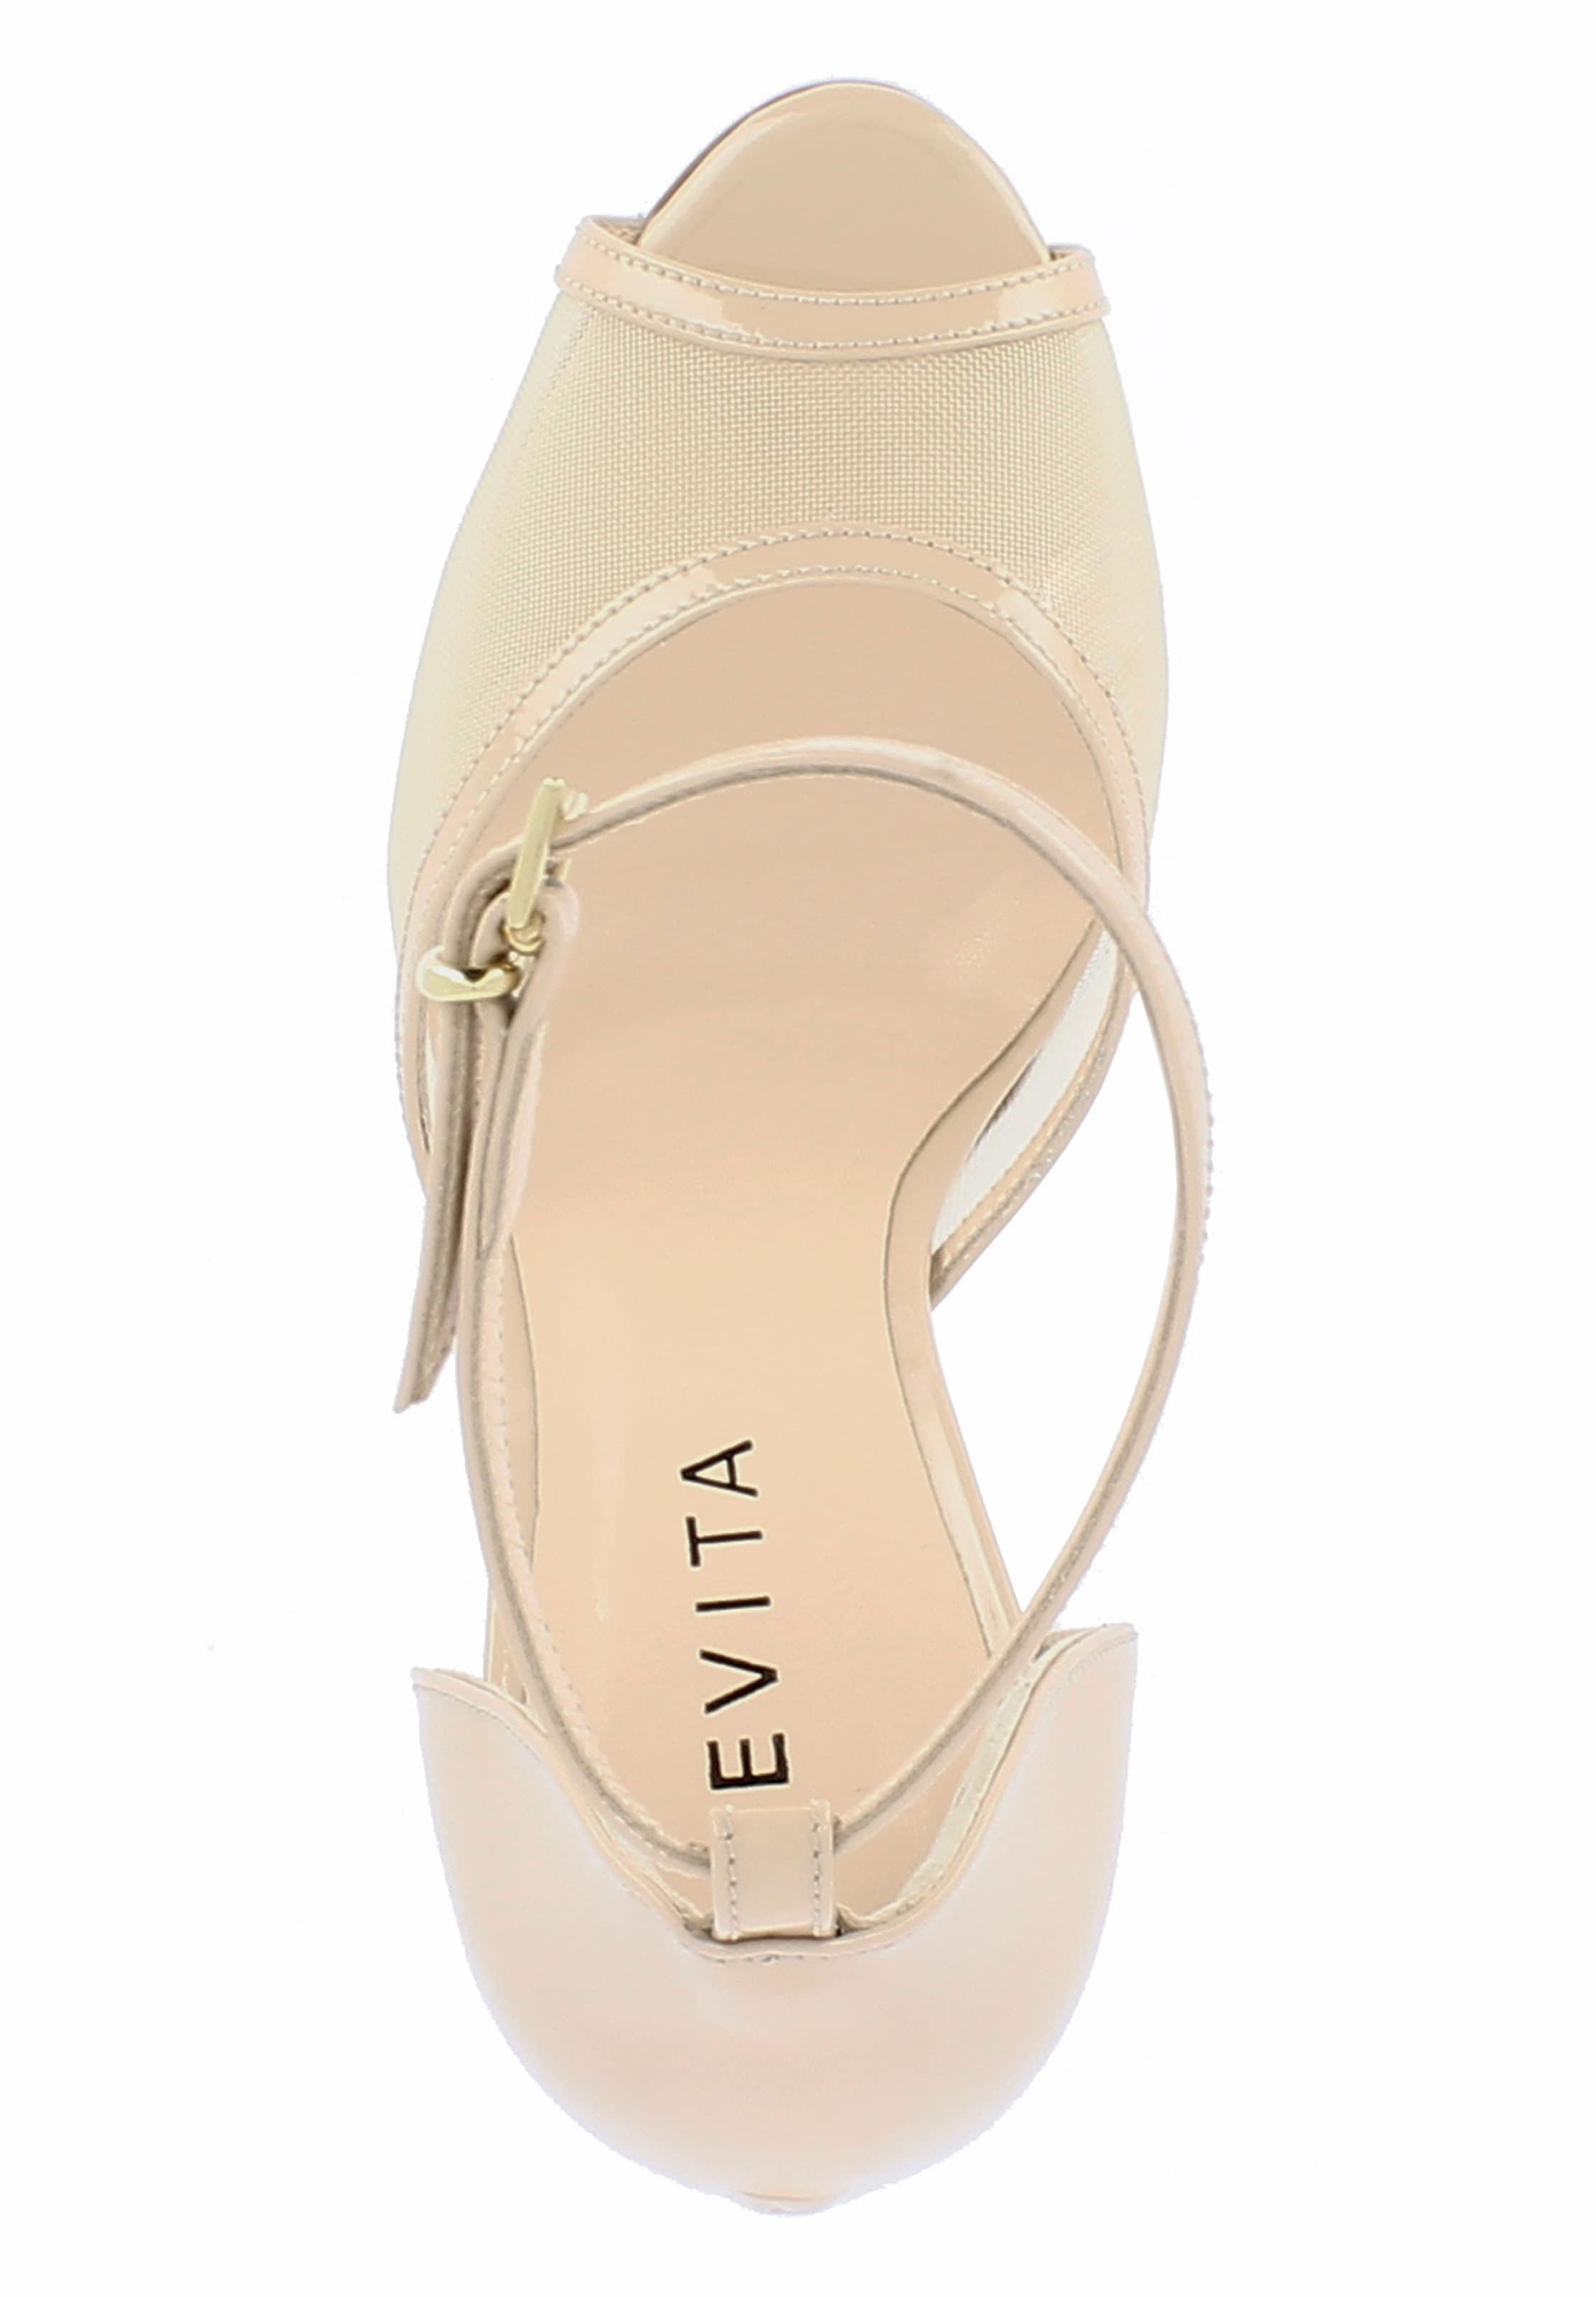 EVITA Peeptoe 'ALESSANDRA' in beige